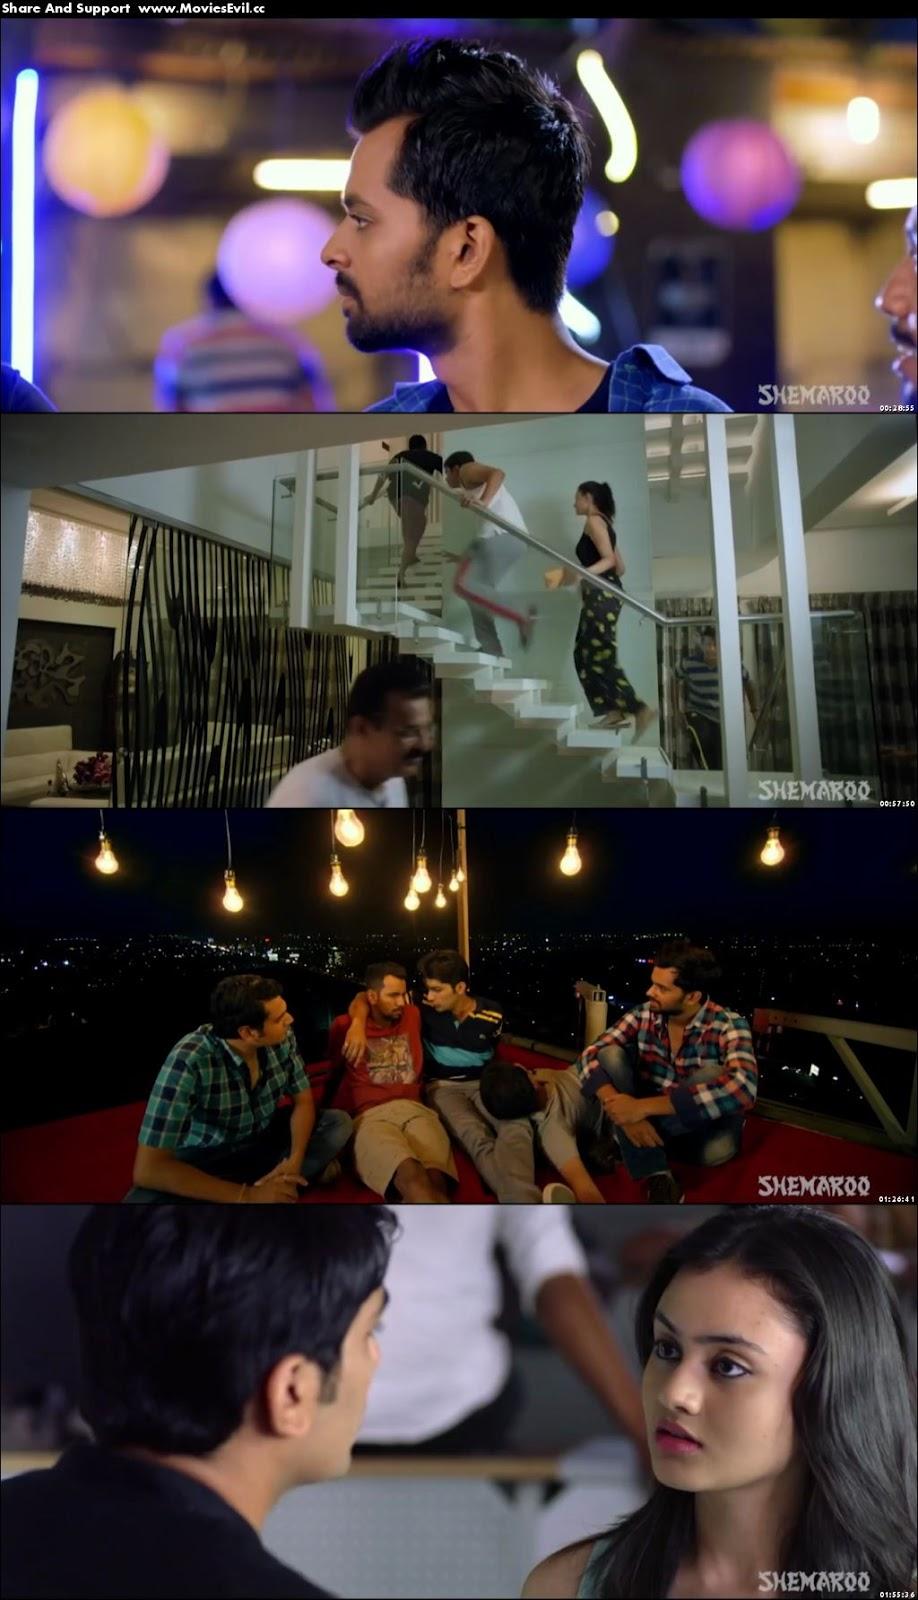 Chhello Divas 2015 Gujarati movie 720p bluray download,Chhello Divas 2015 Gujarati full movie download,Chhello Divas 2015 Gujarati 300 mb download,Chhello Divas 2015 Gujarati 1080p bluray download,Chhello Divas 2015 Gujarati direct link download